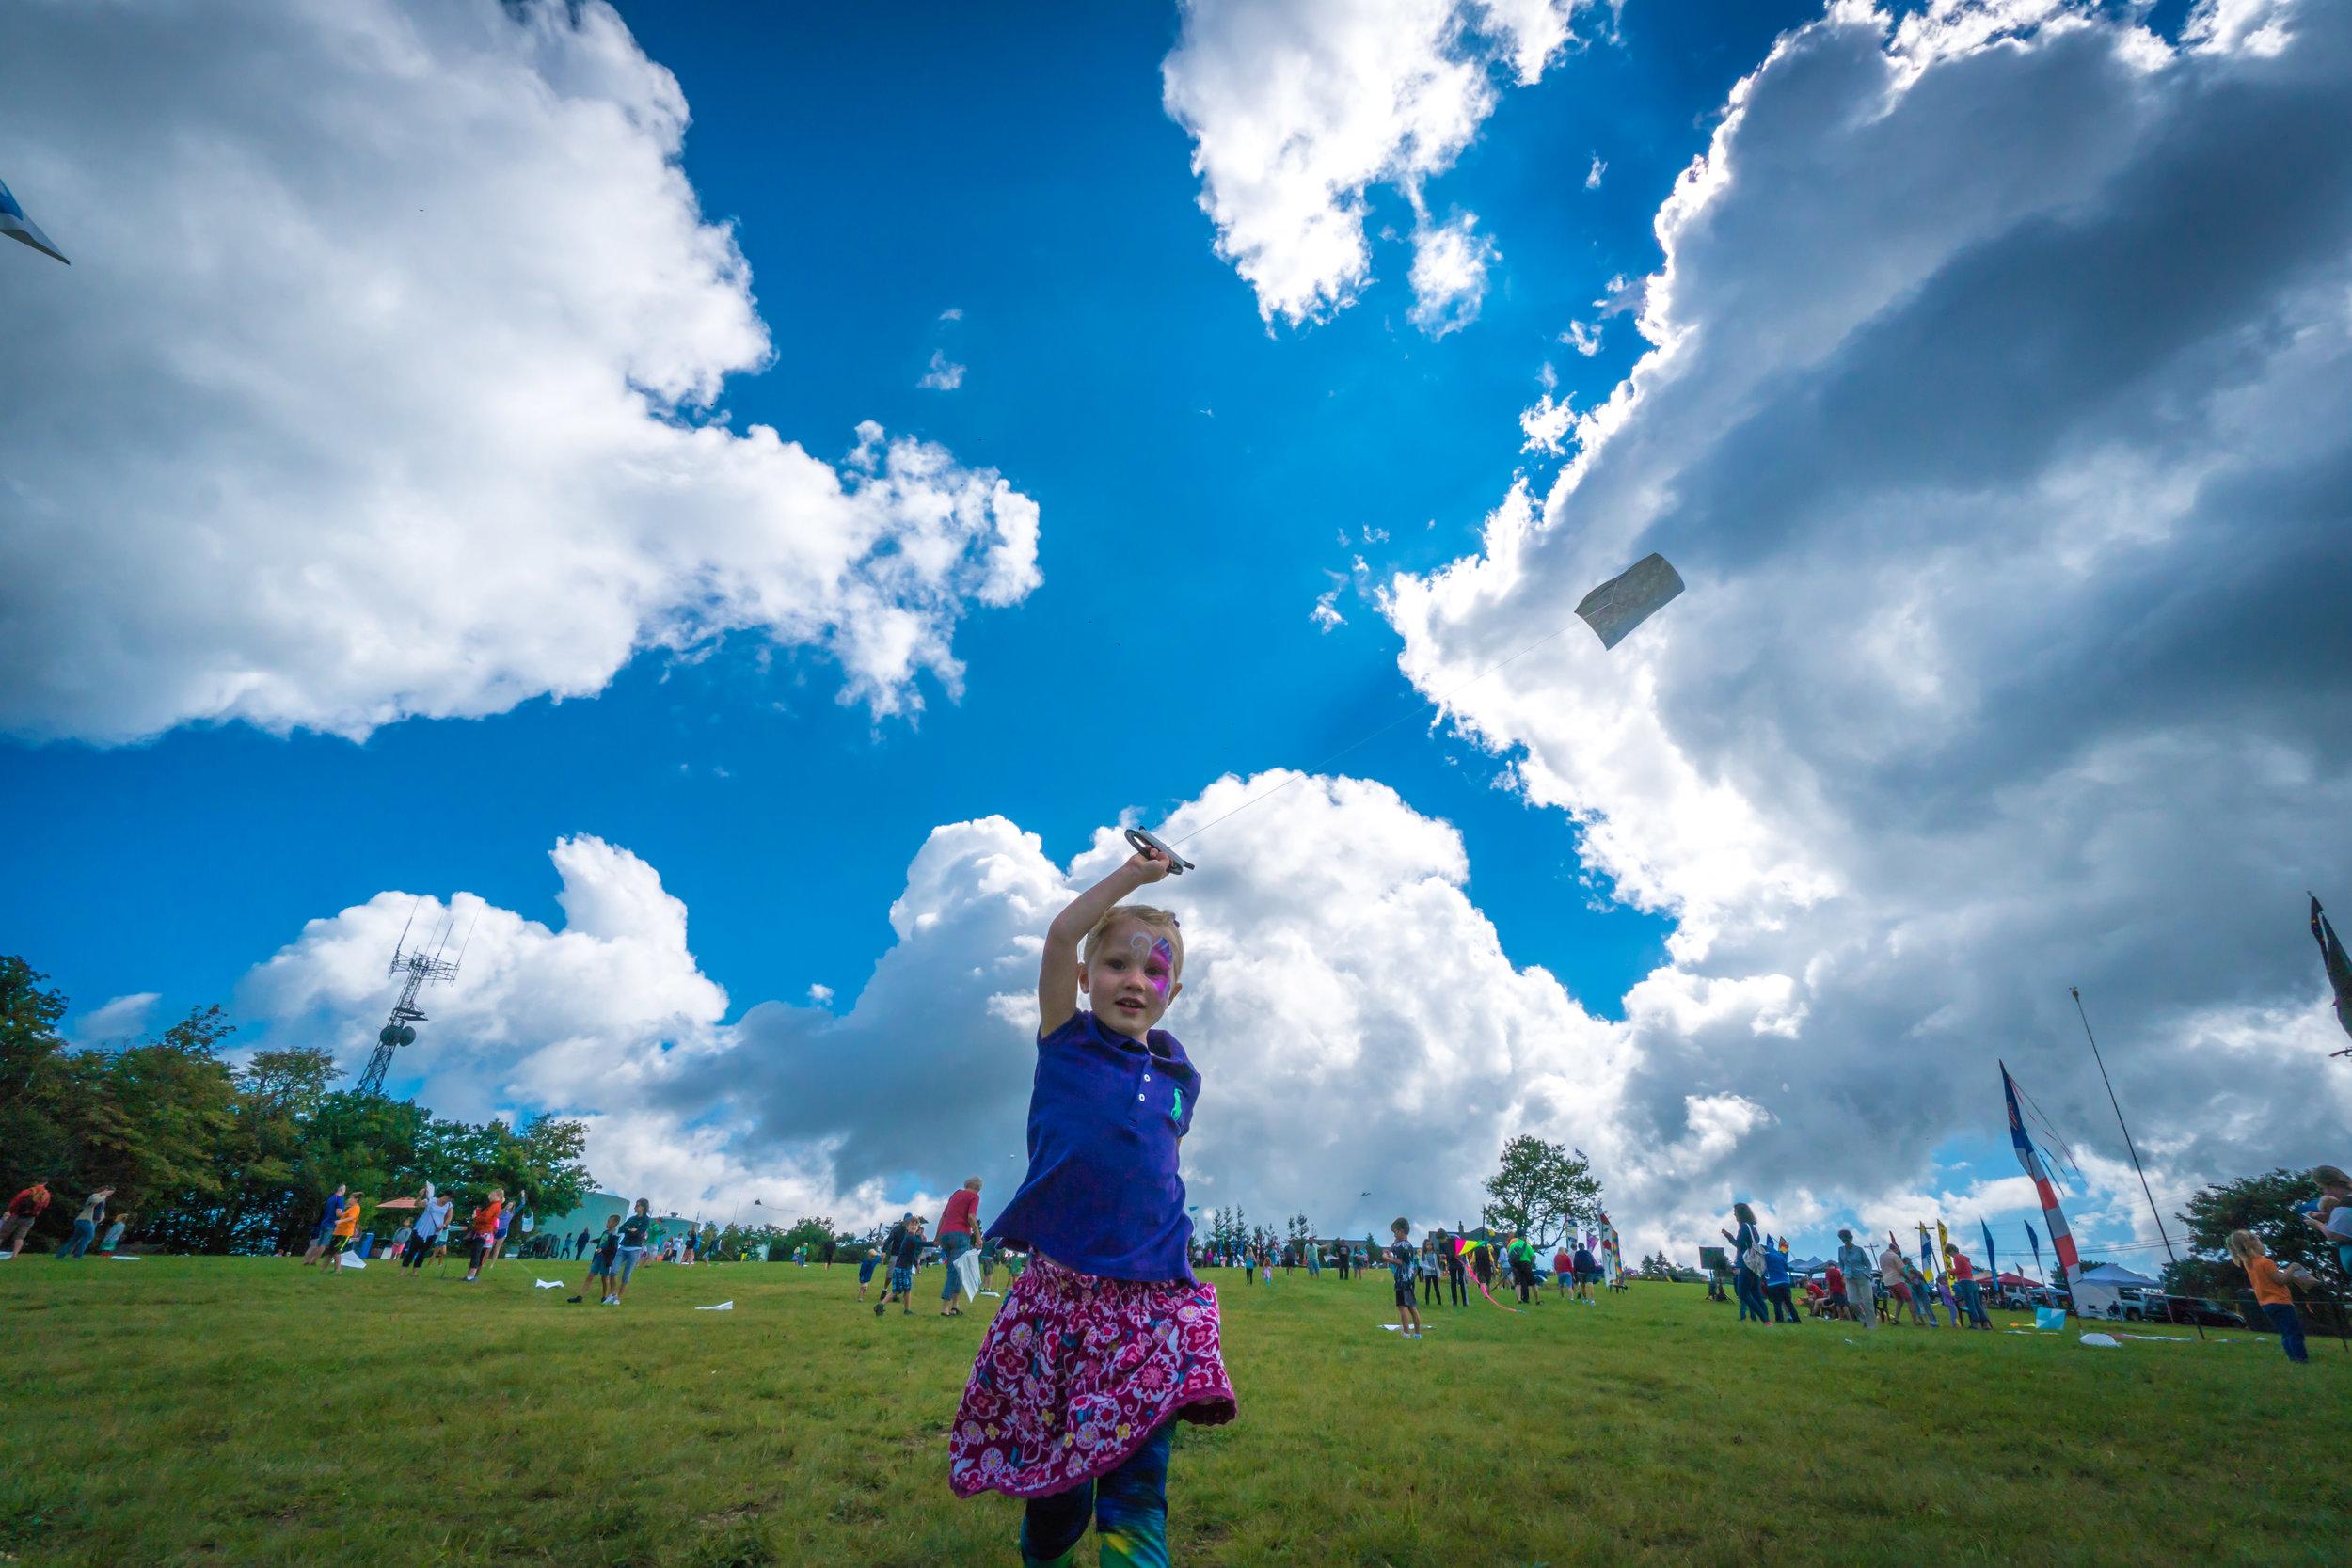 Beech Mountain Kite Festival